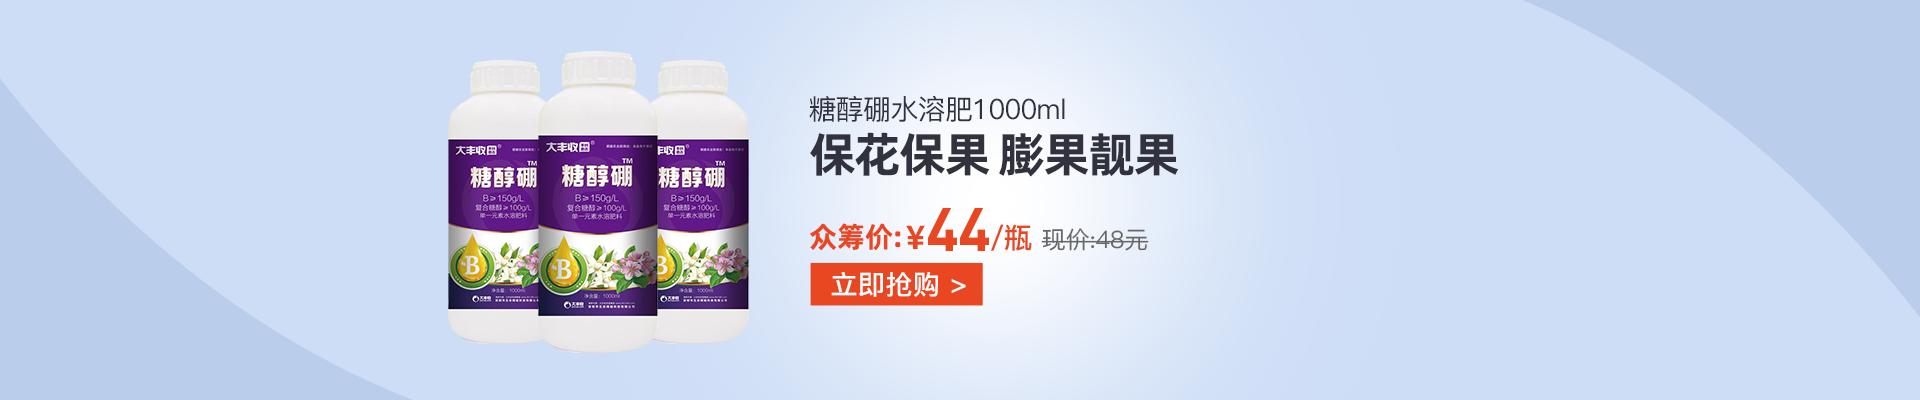 【5月】众筹-【丰创惠选】糖醇硼水溶肥 水剂 1000ml1000ml*5瓶